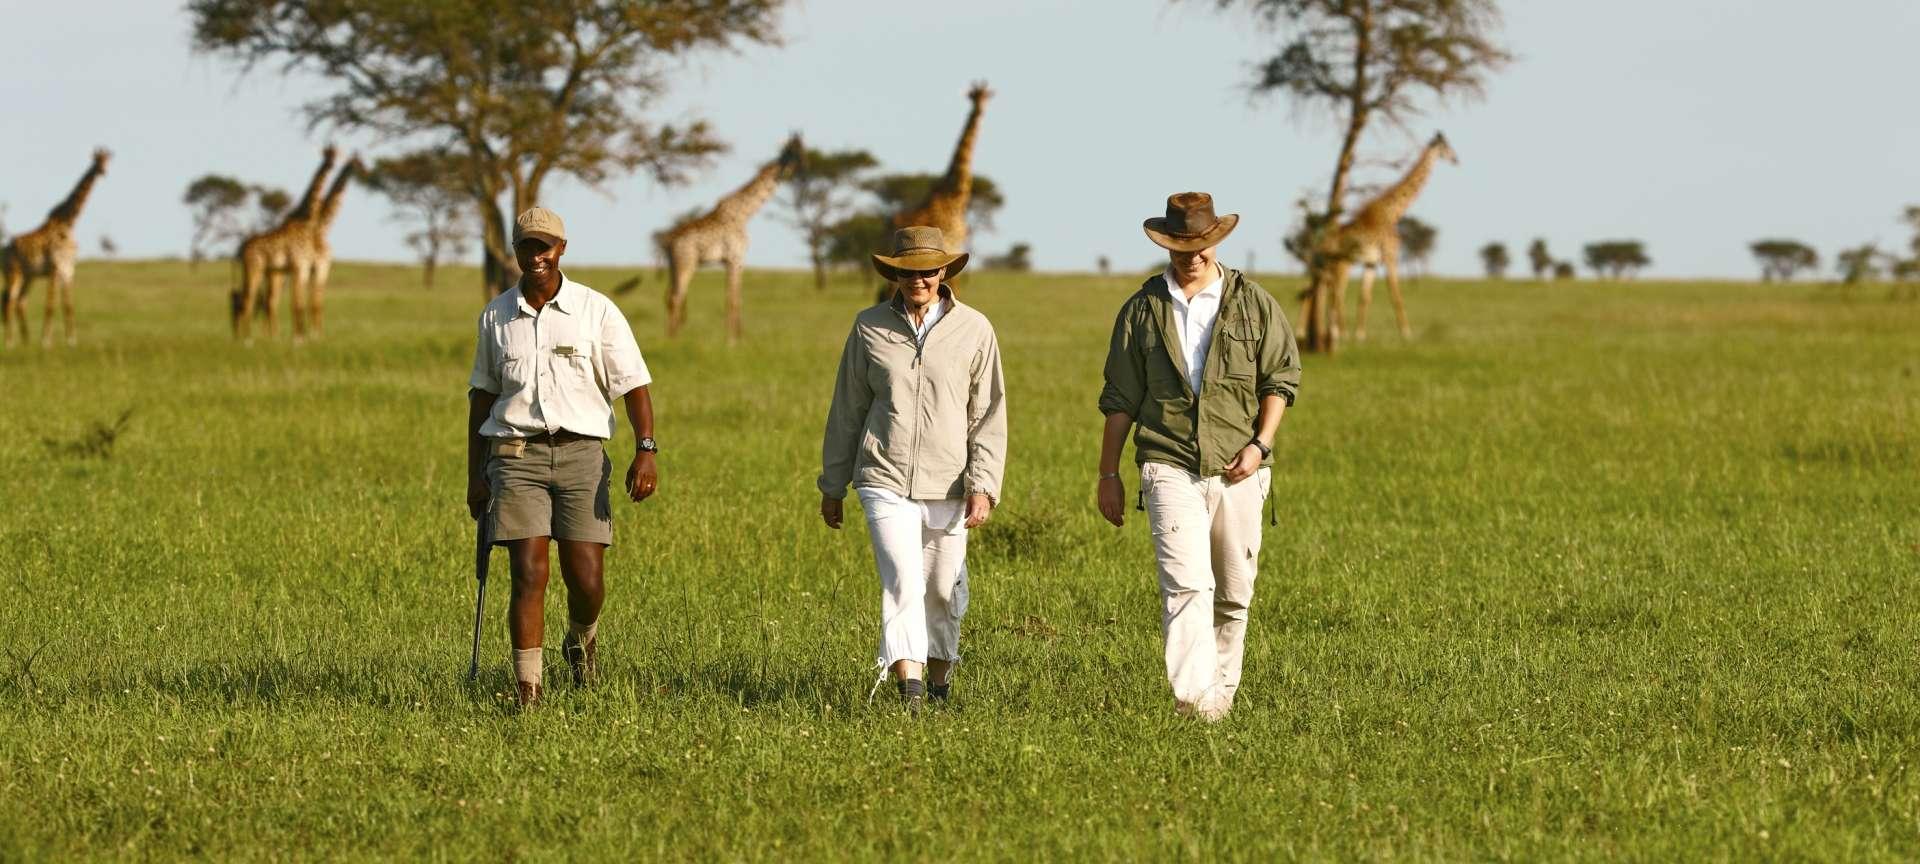 Walking safaris in Africa - Africa Wildlife Safaris